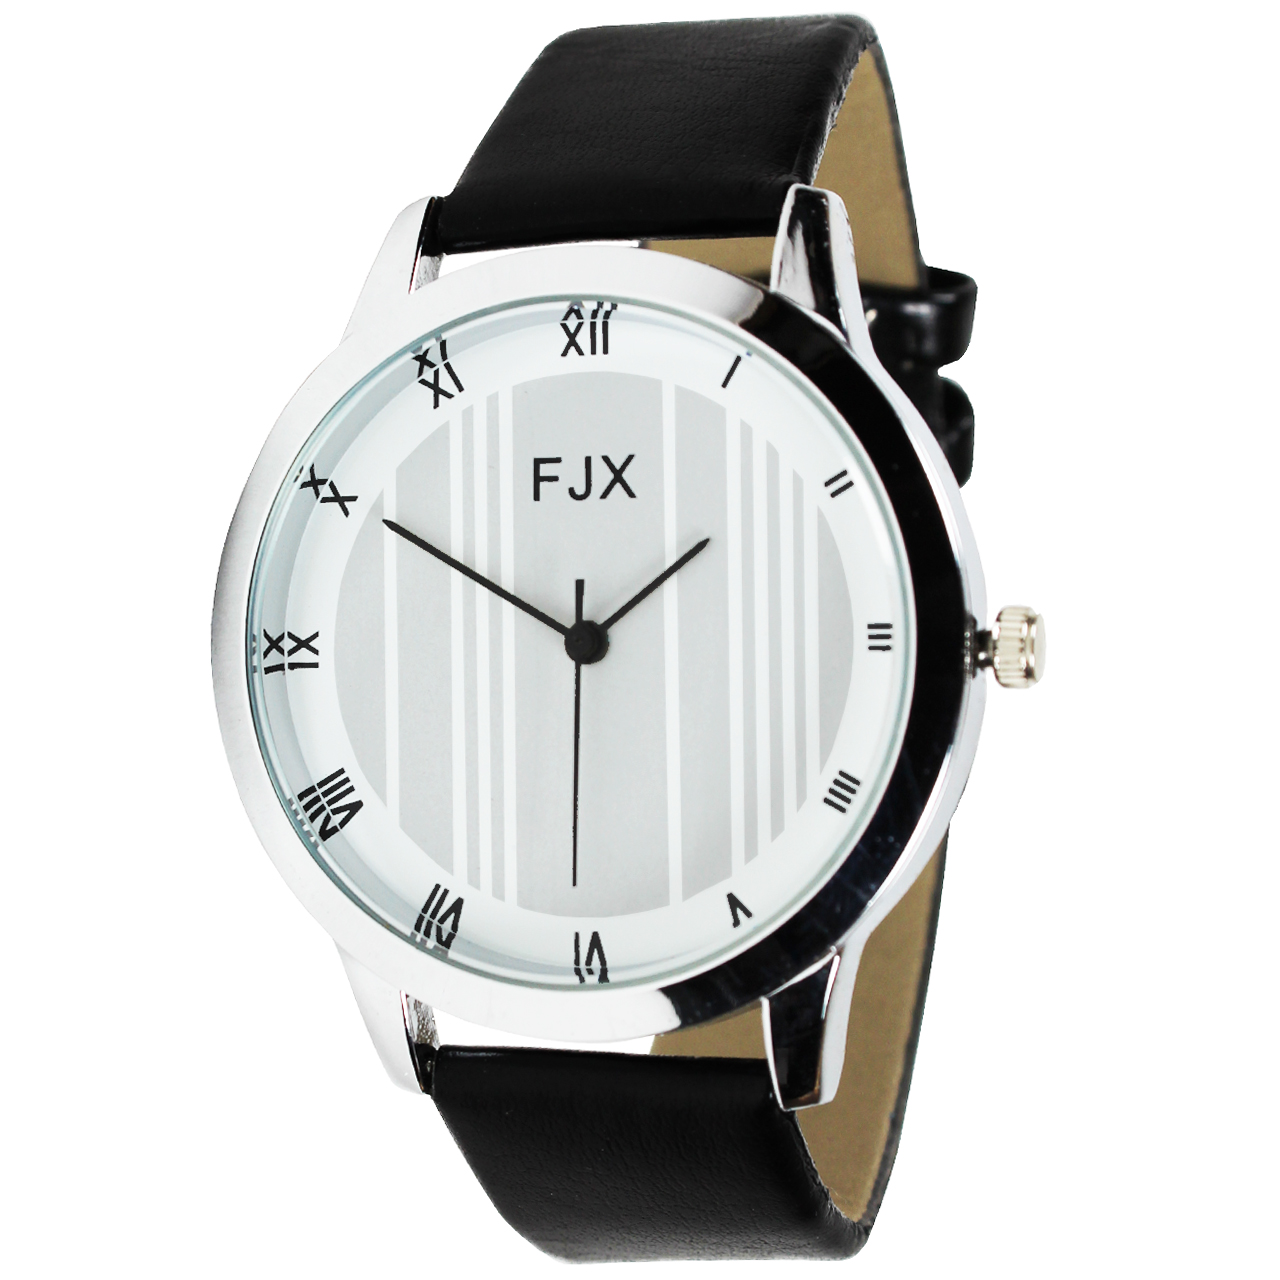 ساعت مچی عقربه ای مردانه و زنانه اف جی ایکس مدل P4-22 16